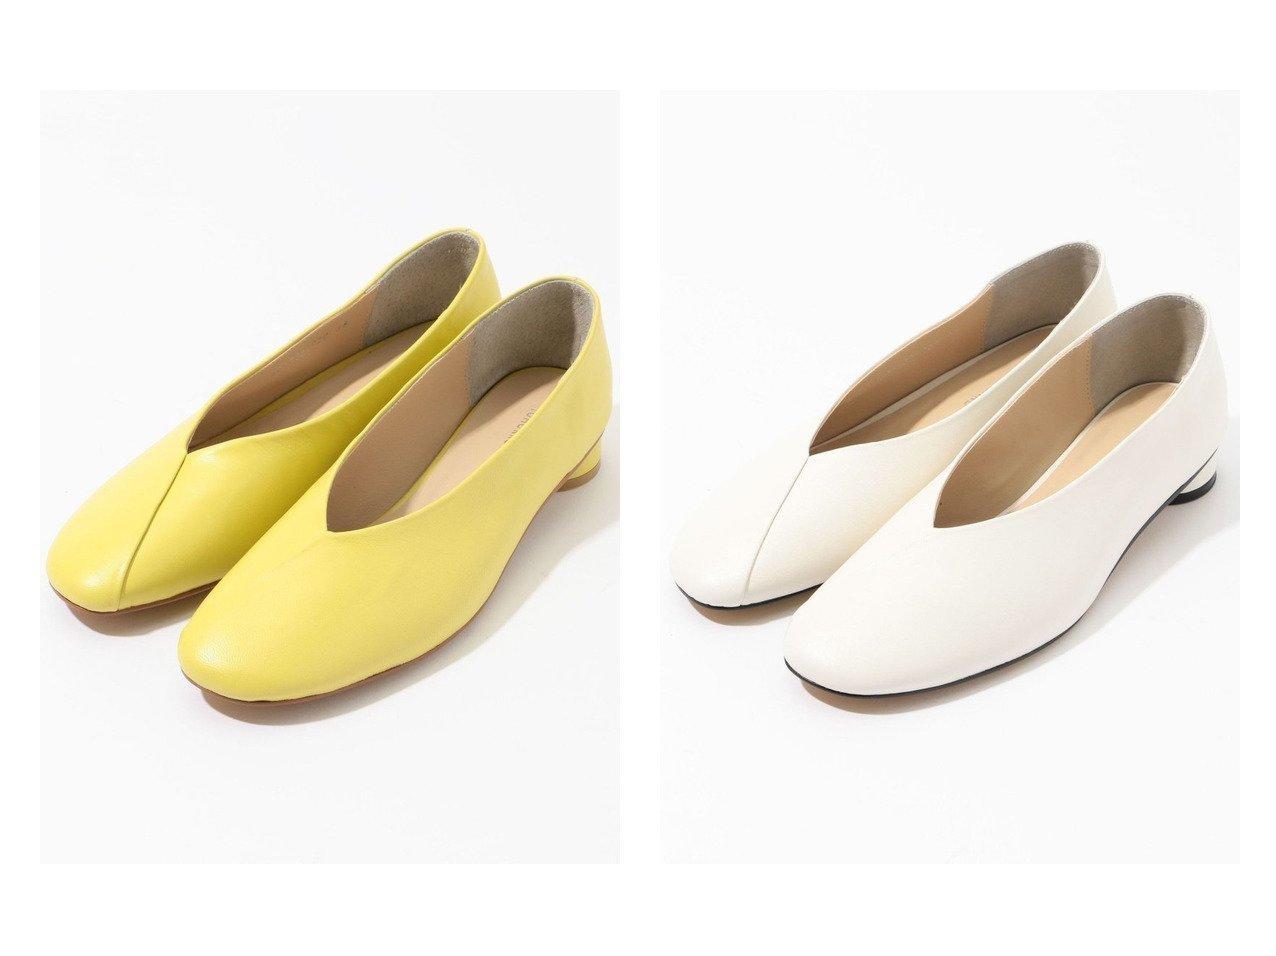 【TOMORROWLAND GOODs/トゥモローランド グッズ】のTOMORROWLAND カバードフラットシューズ シューズ・靴のおすすめ!人気、トレンド・レディースファッションの通販  おすすめで人気の流行・トレンド、ファッションの通販商品 メンズファッション・キッズファッション・インテリア・家具・レディースファッション・服の通販 founy(ファニー) https://founy.com/ ファッション Fashion レディースファッション WOMEN NEW・新作・新着・新入荷 New Arrivals イエロー シューズ フラット 今季 |ID:crp329100000009813